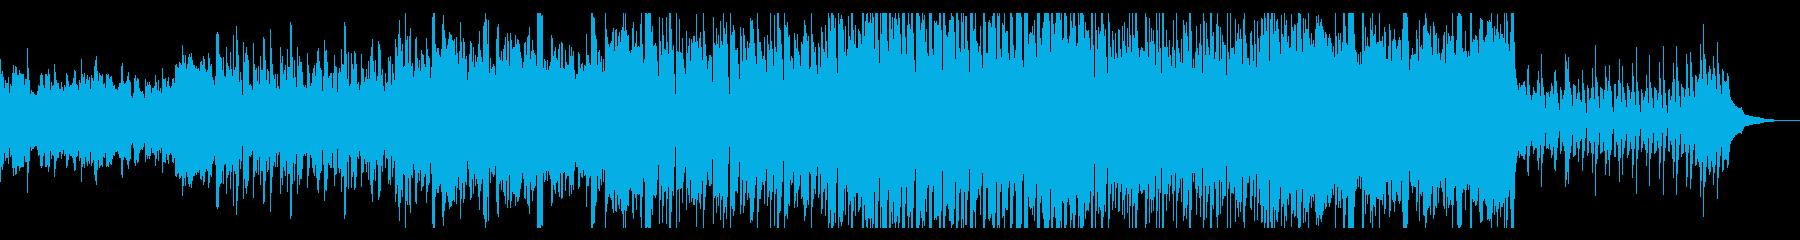 奇妙なデジタルテクスチャの再生済みの波形